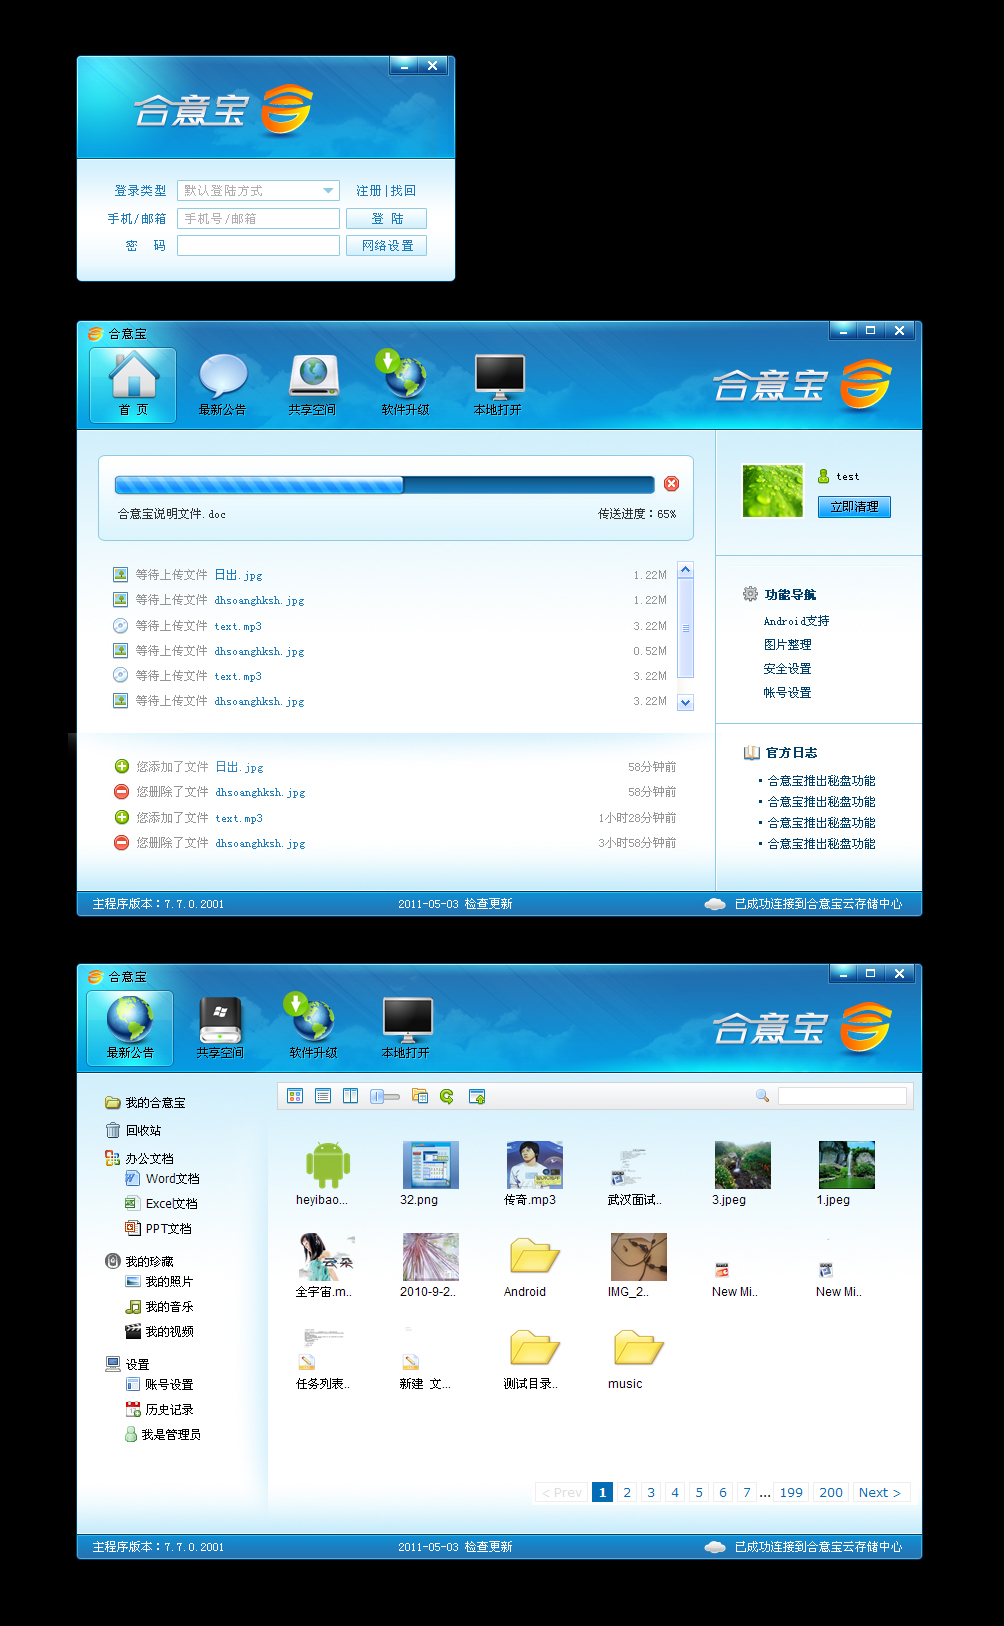 软件应用界面设计 | 智城外包网